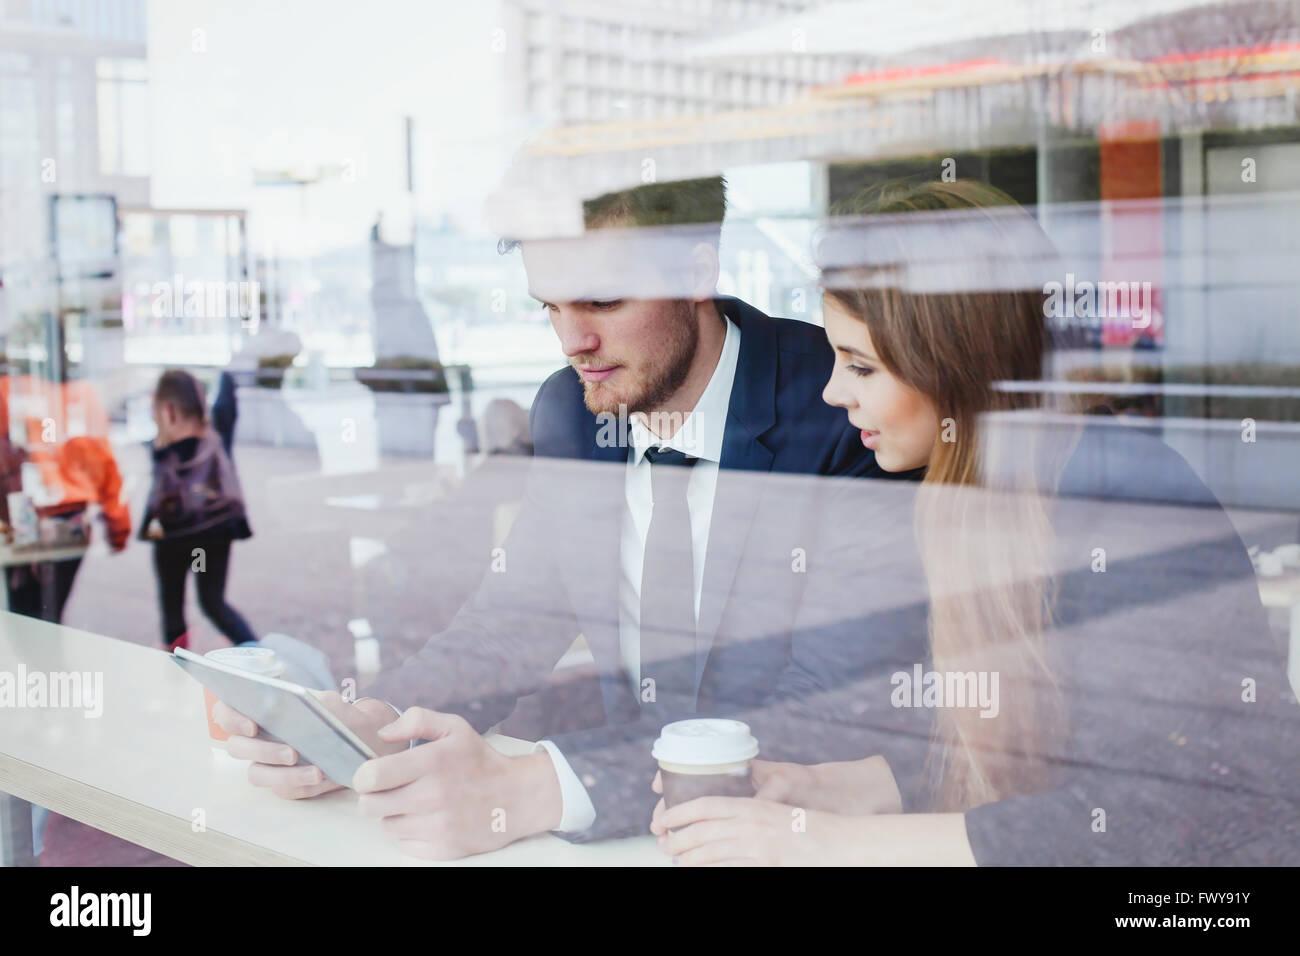 La gente de negocios en cafe mirar la pantalla de tablet Imagen De Stock